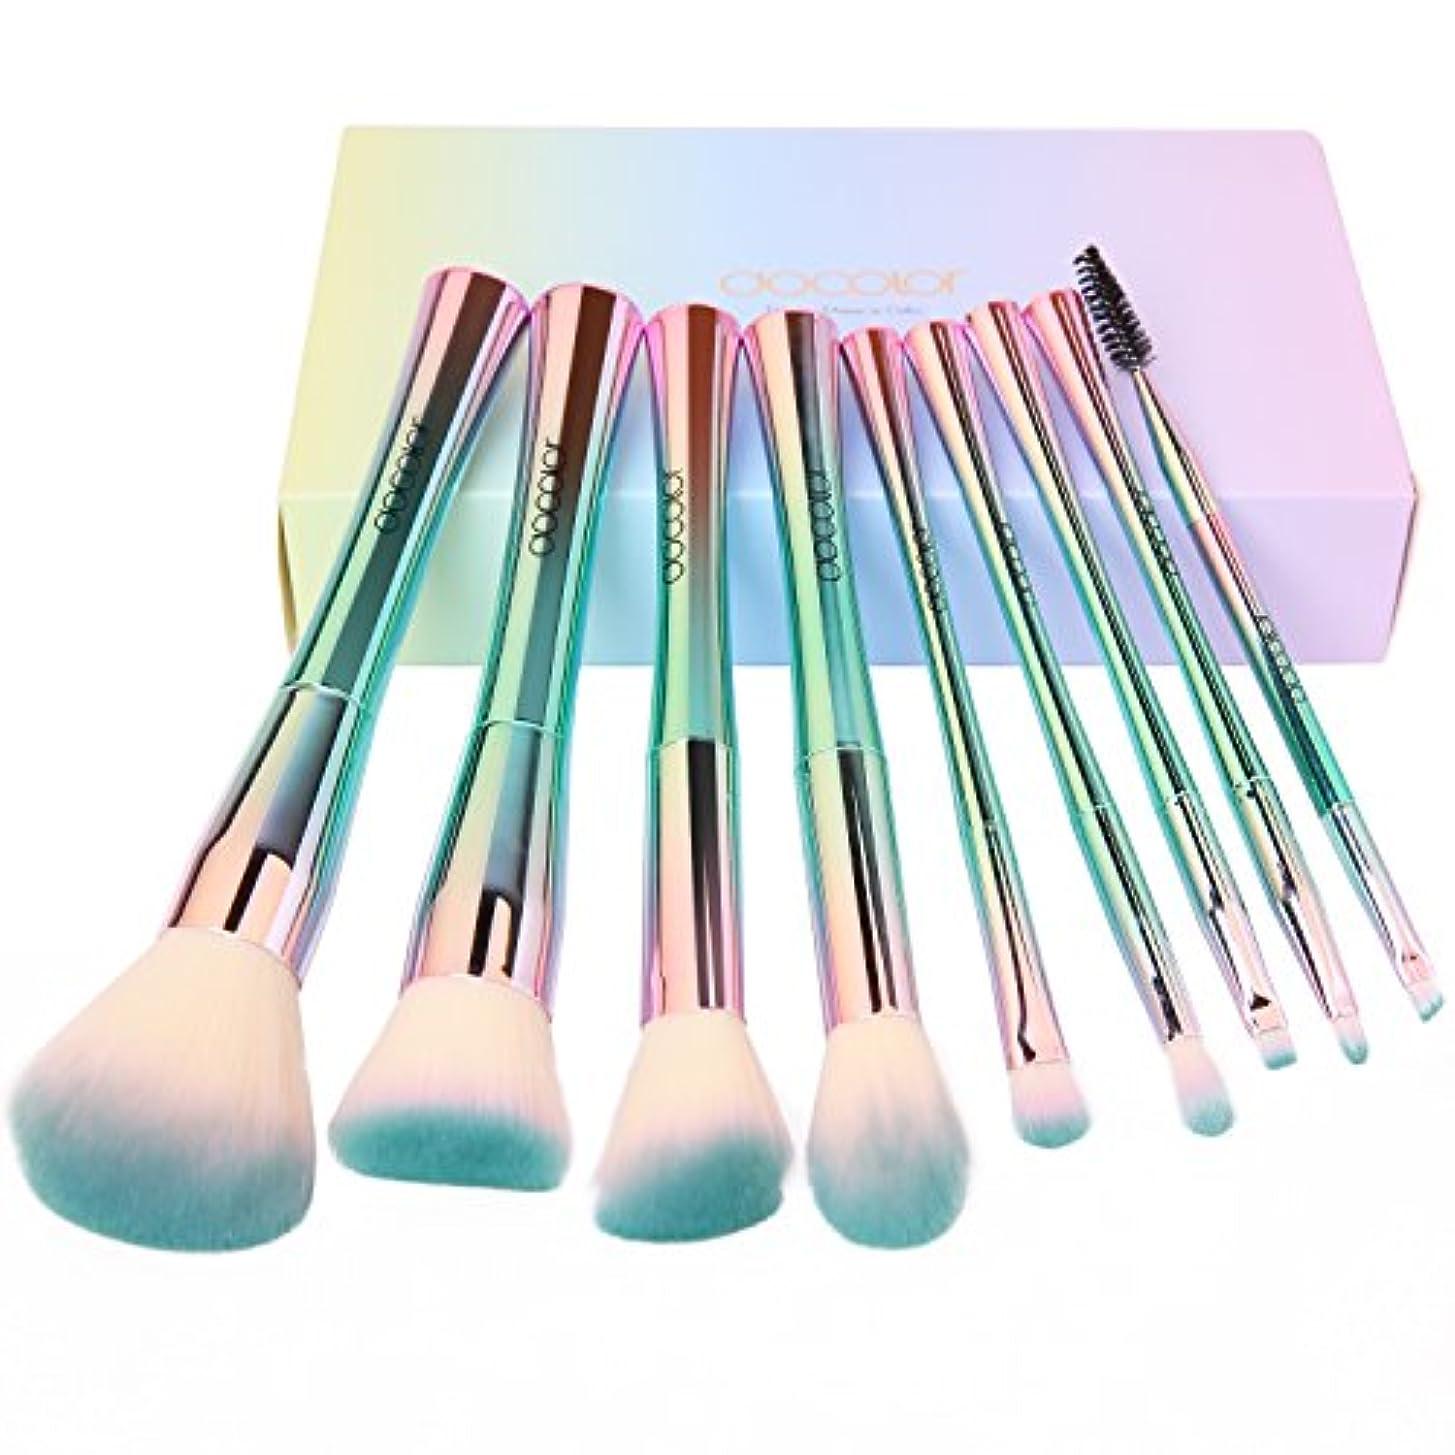 フェンスインデックス群れOUBEATY メイクブラシ 化粧筆 Docolor シリーズ 化粧ブラシセット 高級タクロン 超柔らかい 可愛い(9本セット)